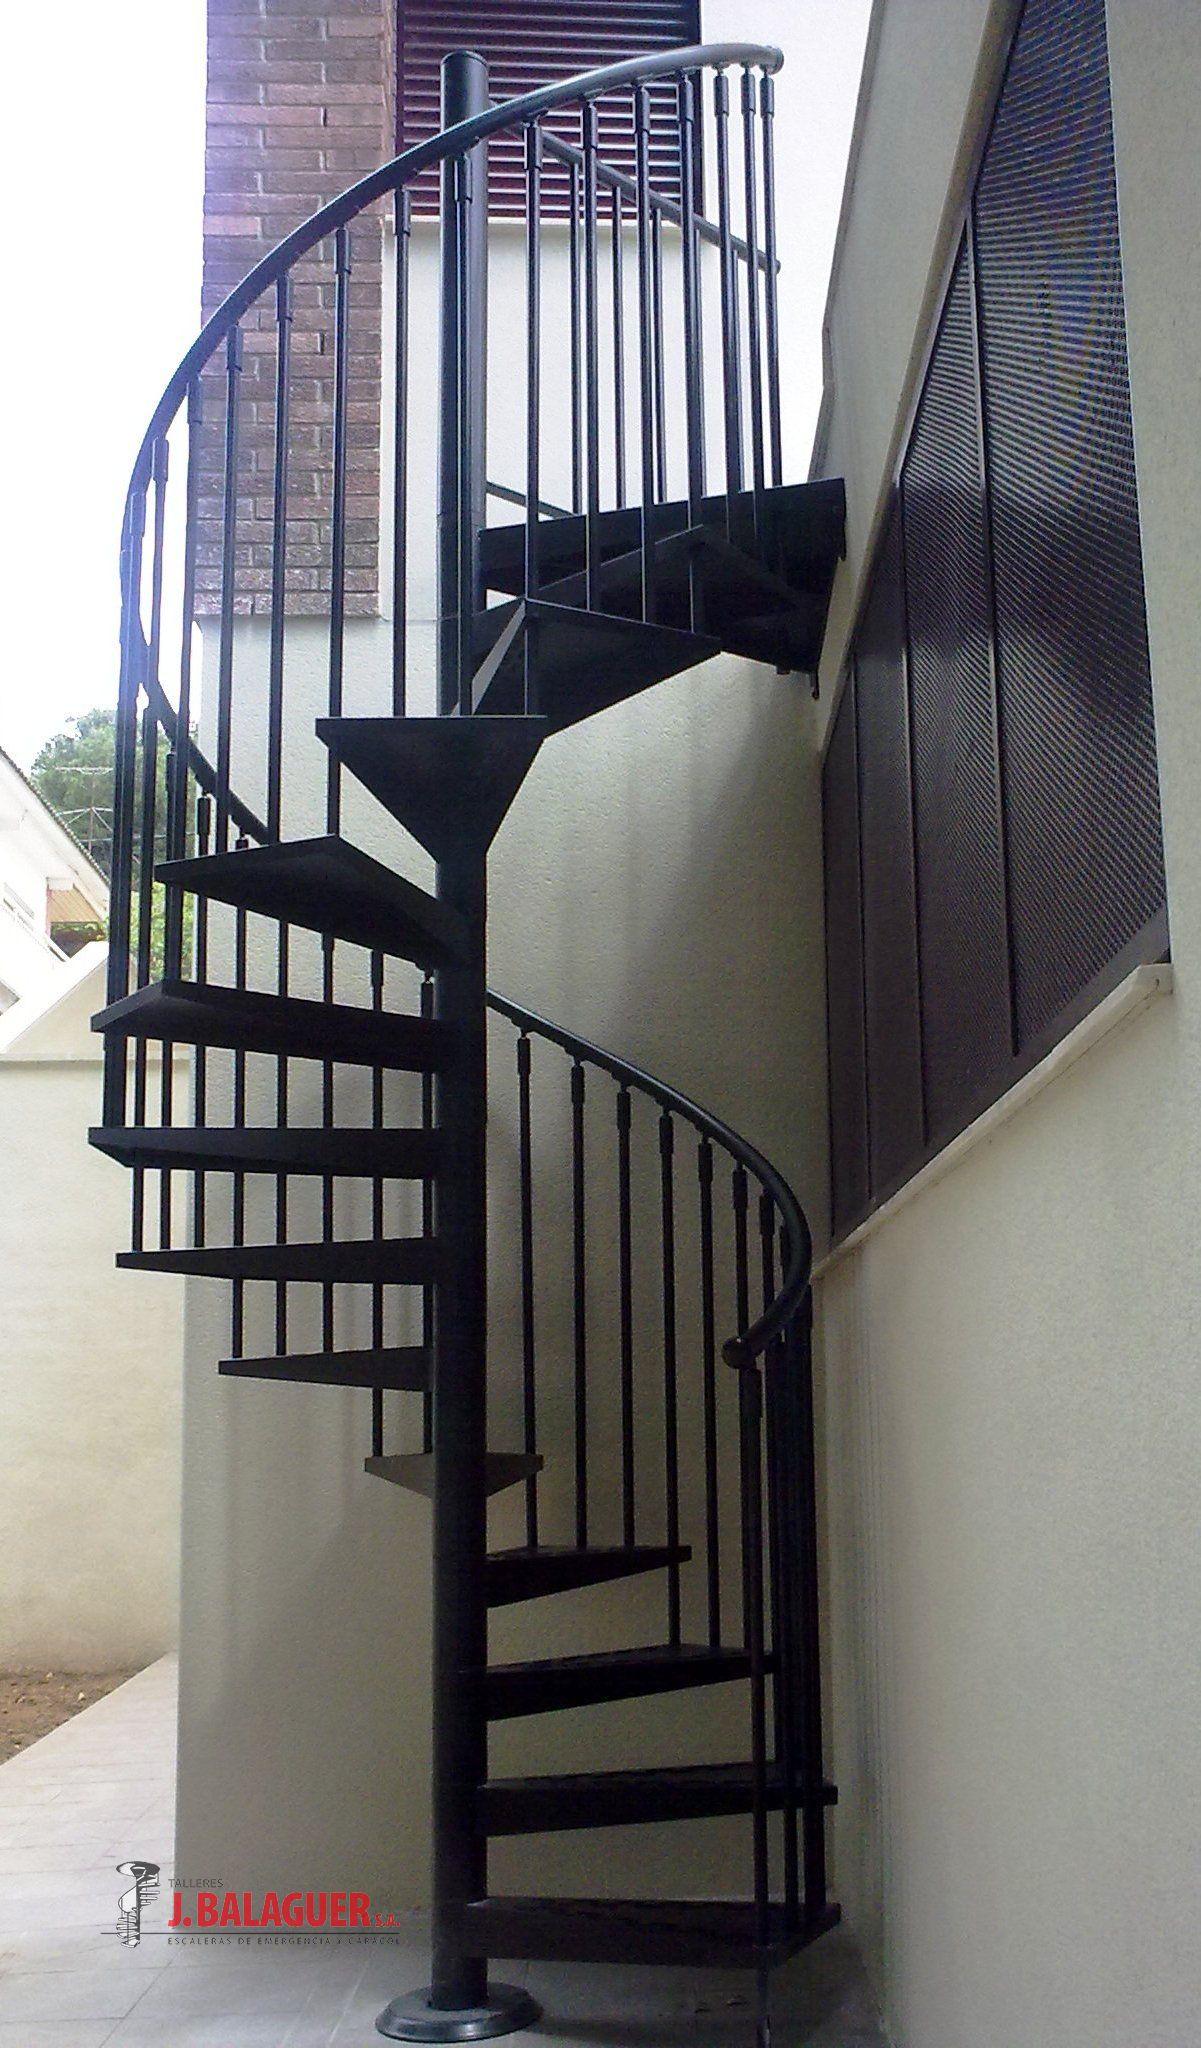 Model m7 escaleras balaguer - Escaleras balaguer ...